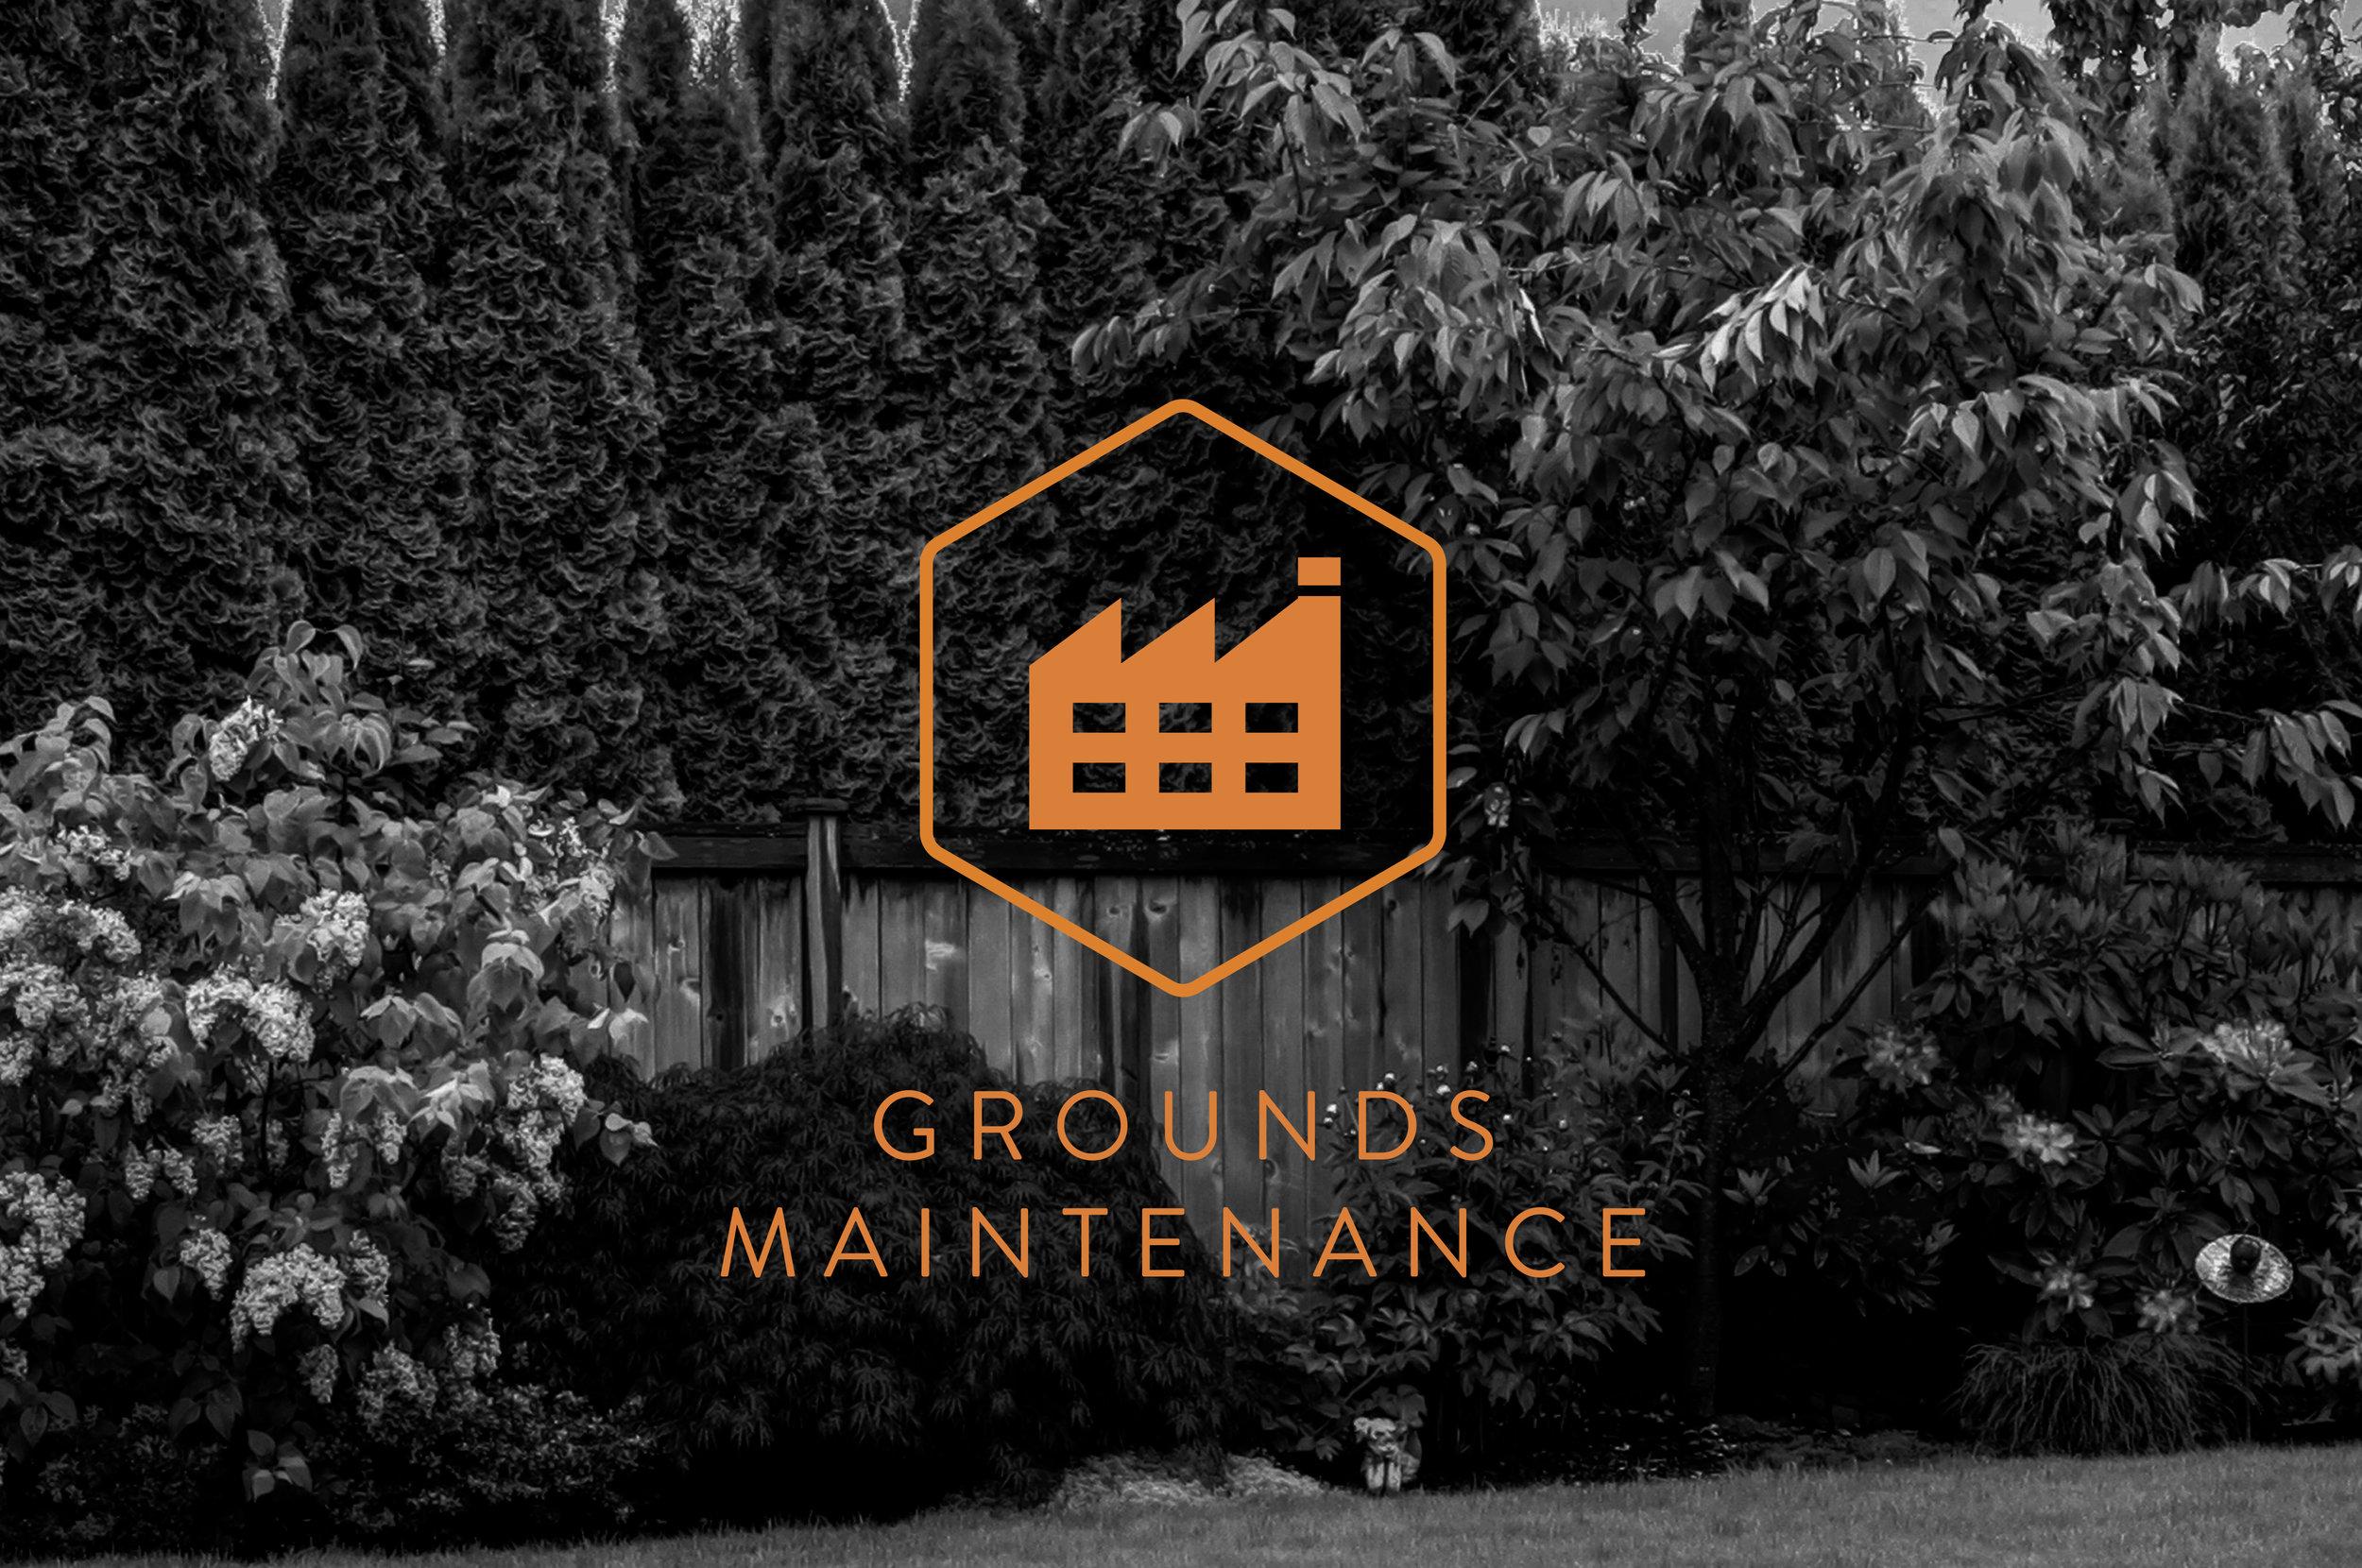 Grounds-maintenance-01.jpg